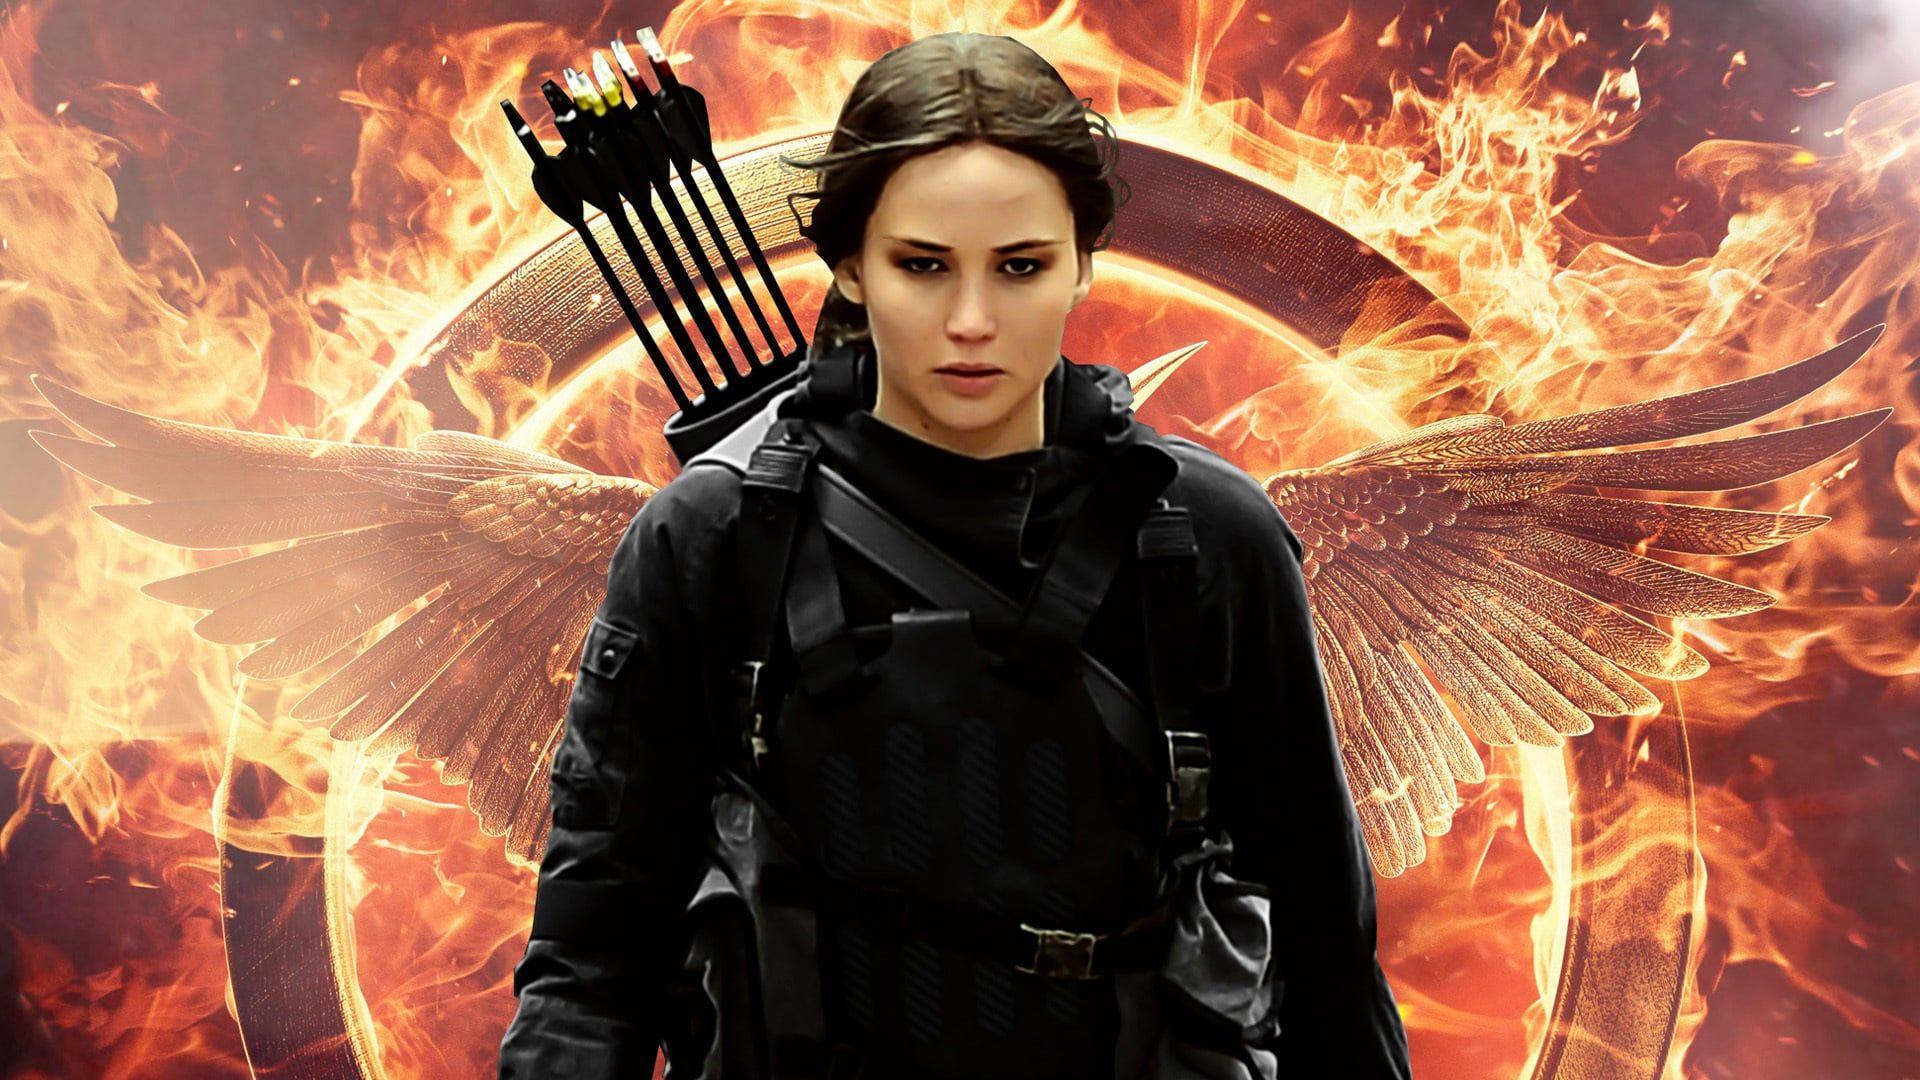 Hd Mozi Az Ehezok Viadala A Kivalasztott 1 Resz 2014 Teljes Film Magyarul Online Hd Hu Mozi Az Ehezok Viadala Hunger Games Mockingjay Katniss Everdeen